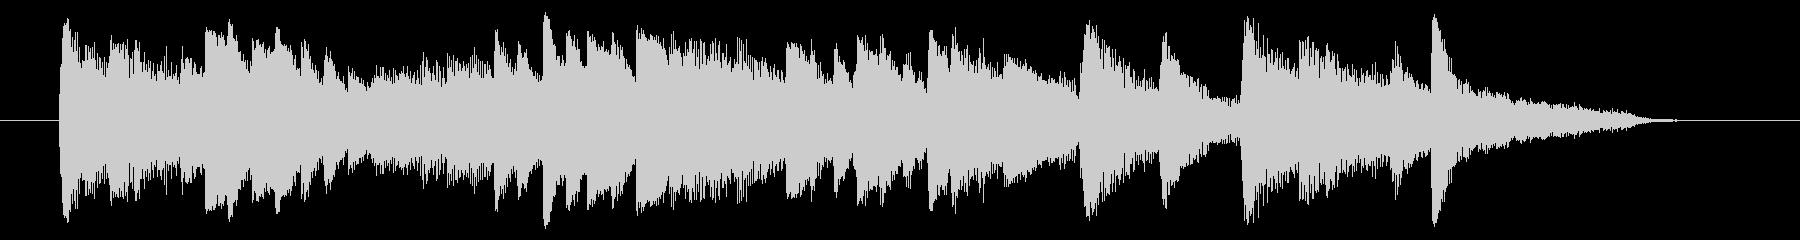 ピアノ主体のゆったりとしたジングル曲ですの未再生の波形